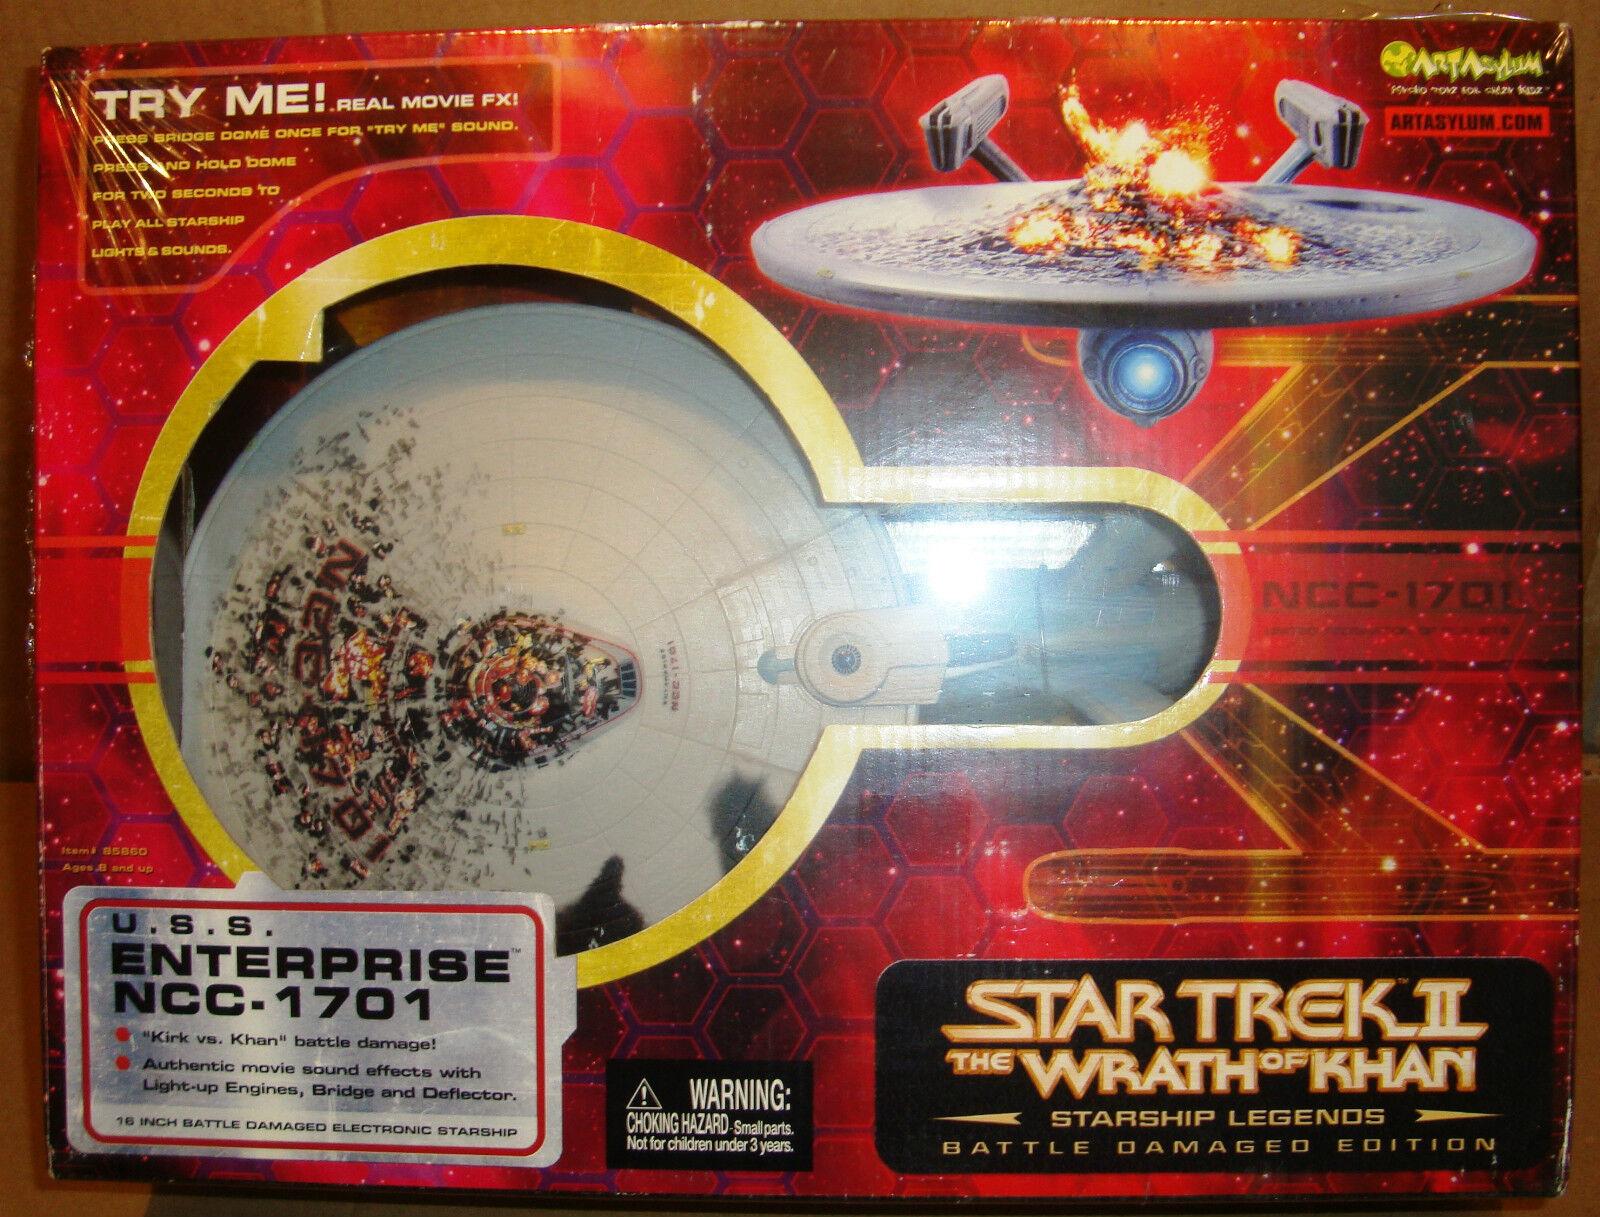 en venta en línea Estrella TREK II U.S.S. ENTERPRISE NCC-1701 BATTLE DAMAGE EDITION EDITION EDITION 16  ART ASYLUM  ¡No dudes! ¡Compra ahora!